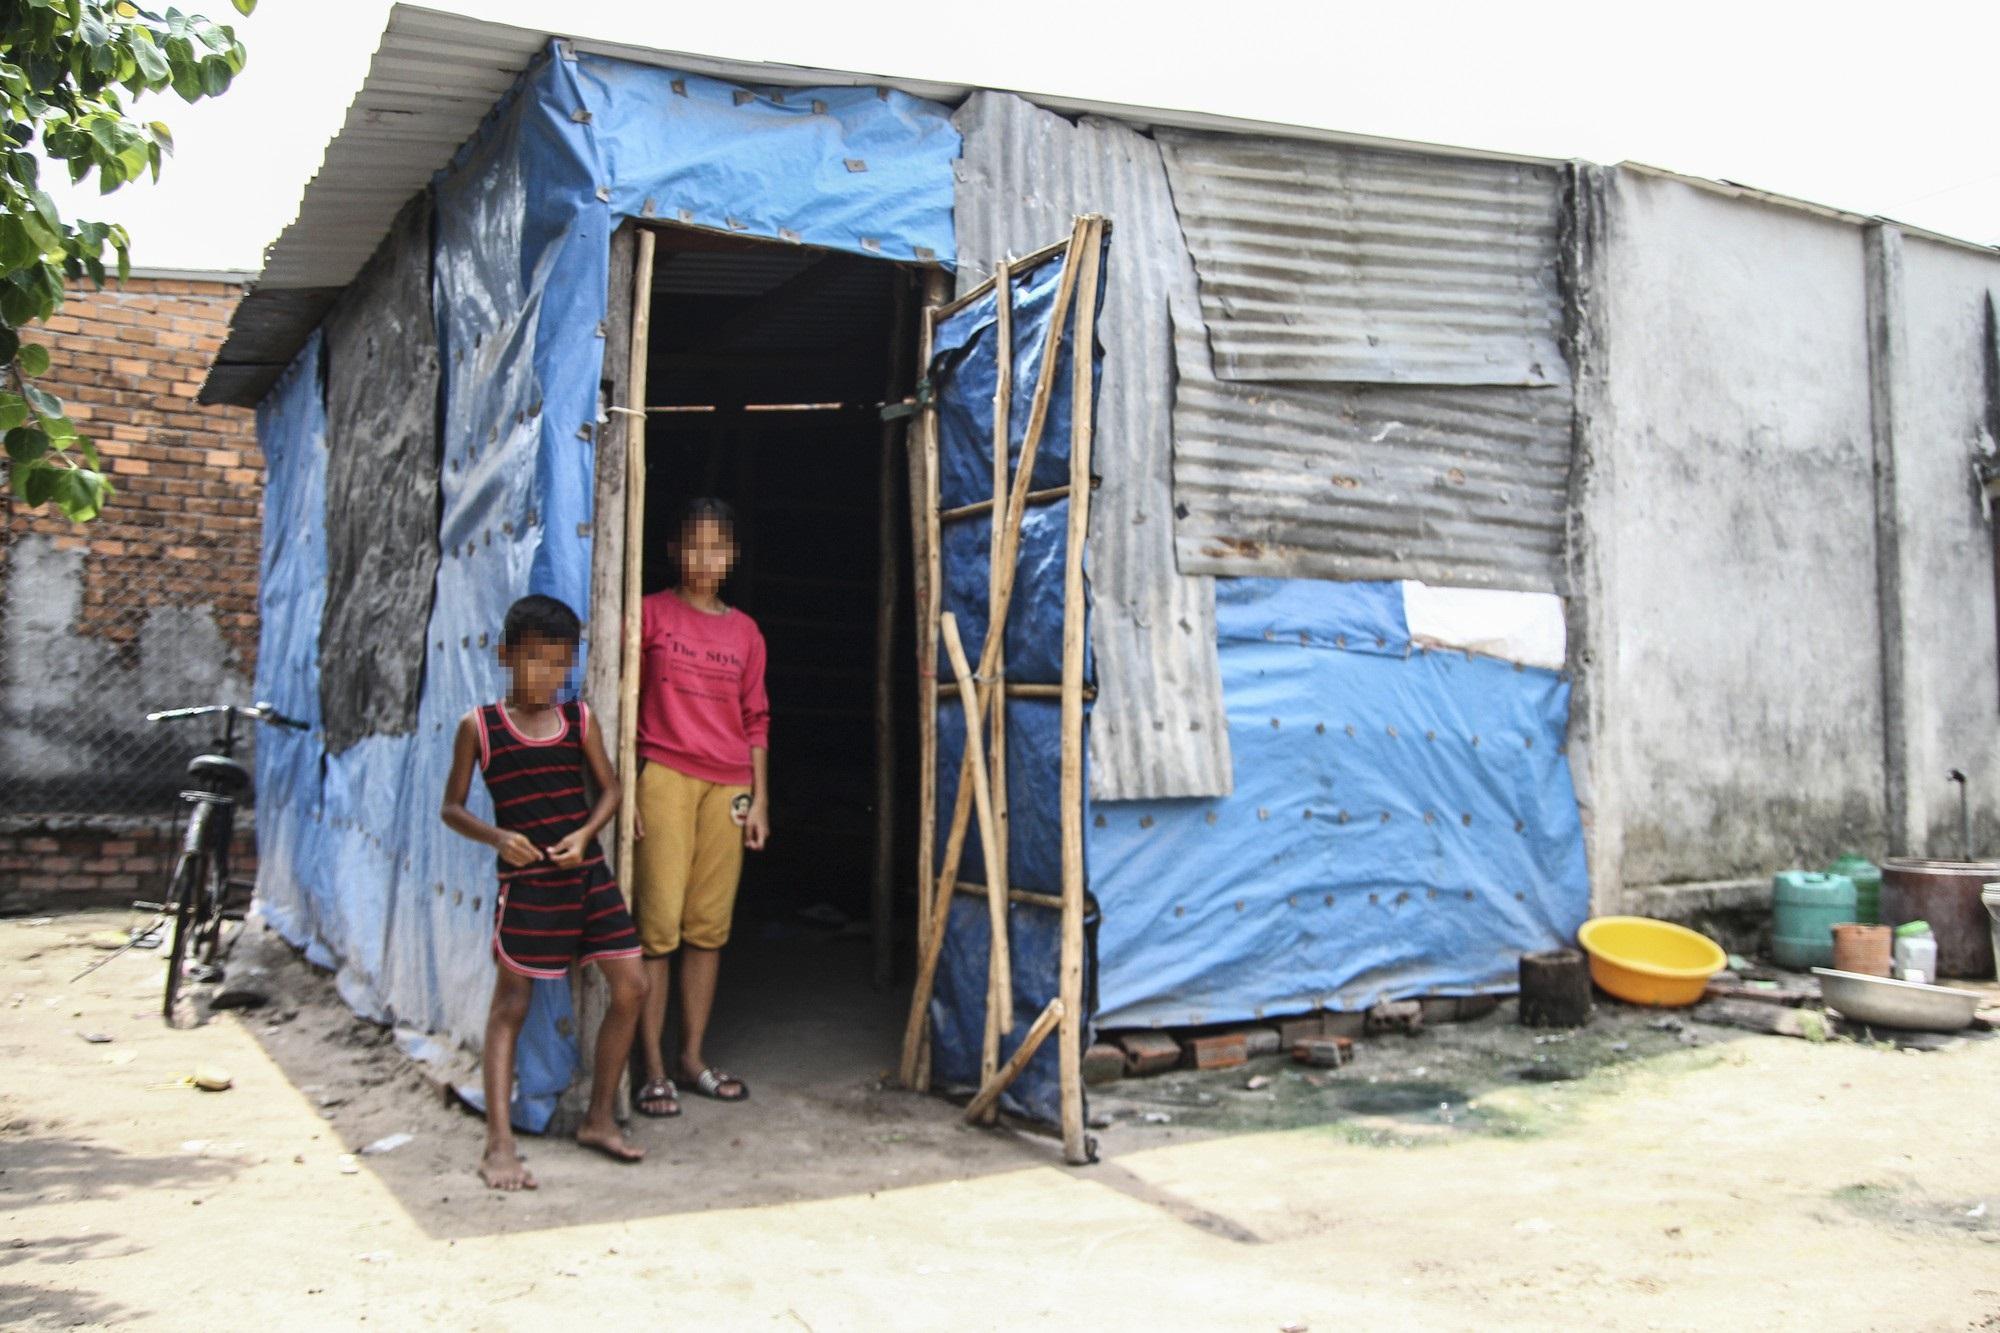 Cuộc đời khốn khổ của người mẹ chôn sống con ở Bình Thuận - Ảnh 7